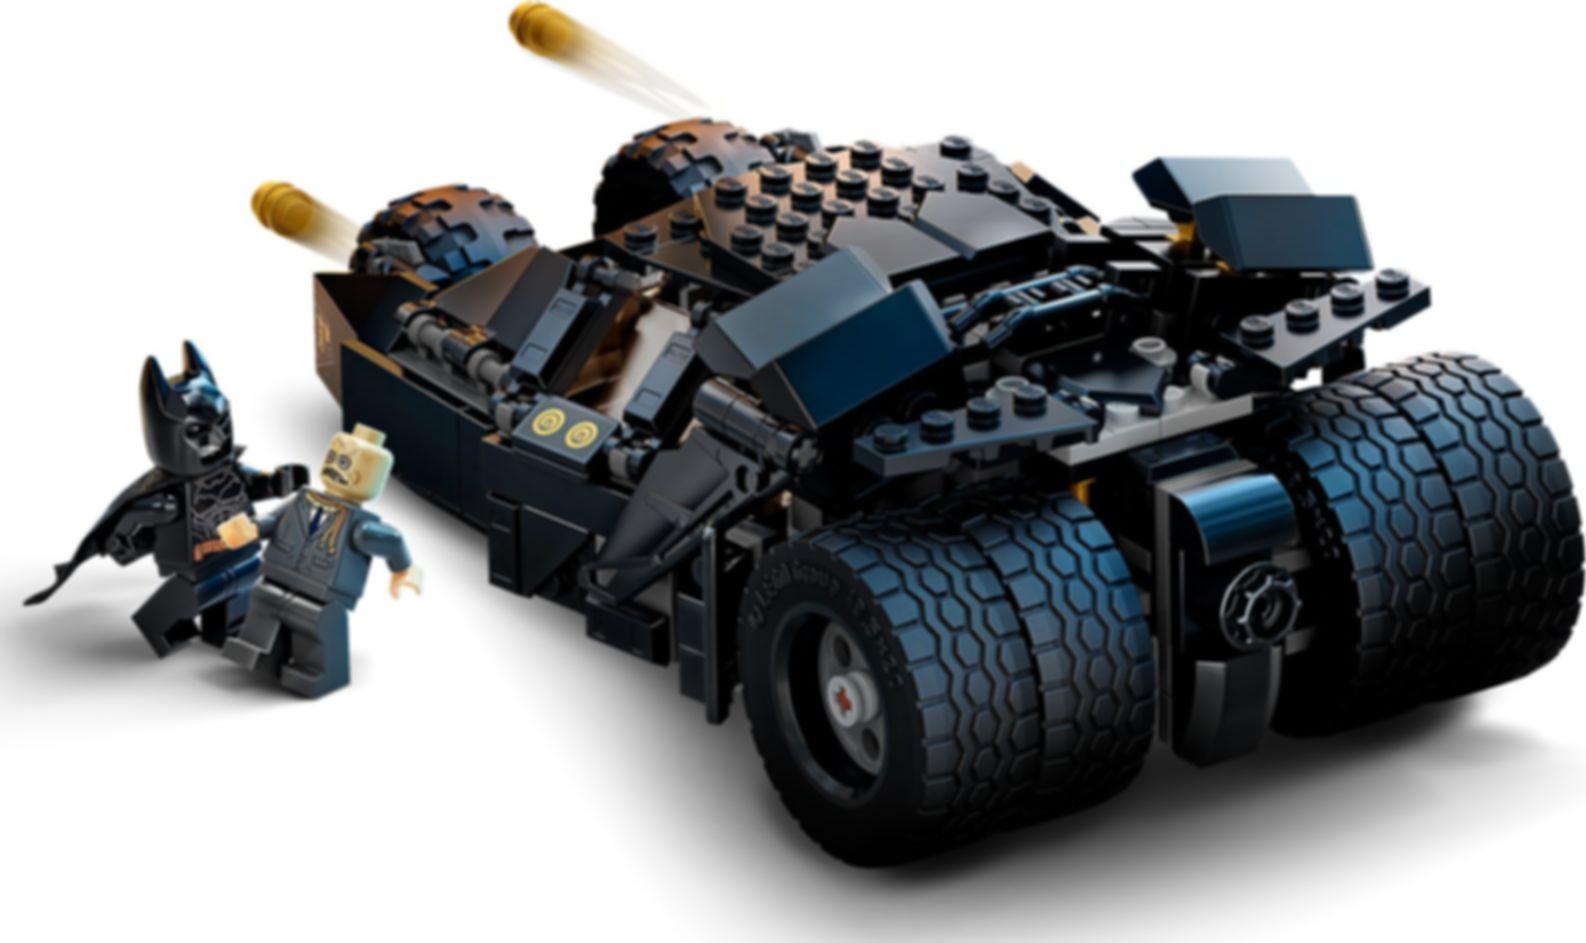 LEGO® DC Superheroes LEGO® DC Batman™ Batmobile™ Tumbler: Scarecrow™ Showdown gameplay